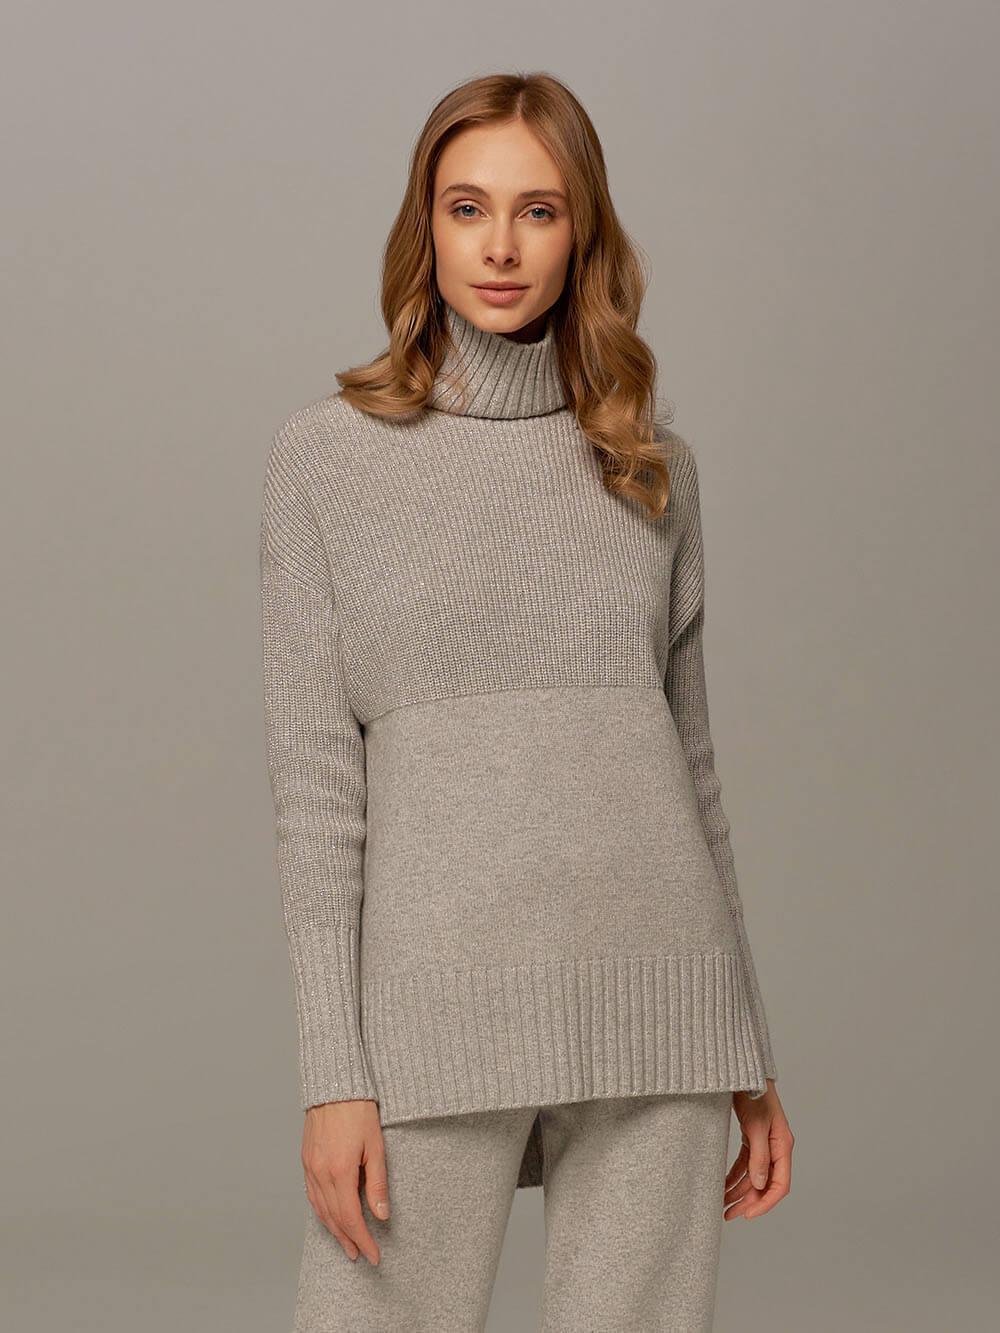 Женский свитер светло-серого цвета с высоким горлом из шерсти и кашемира